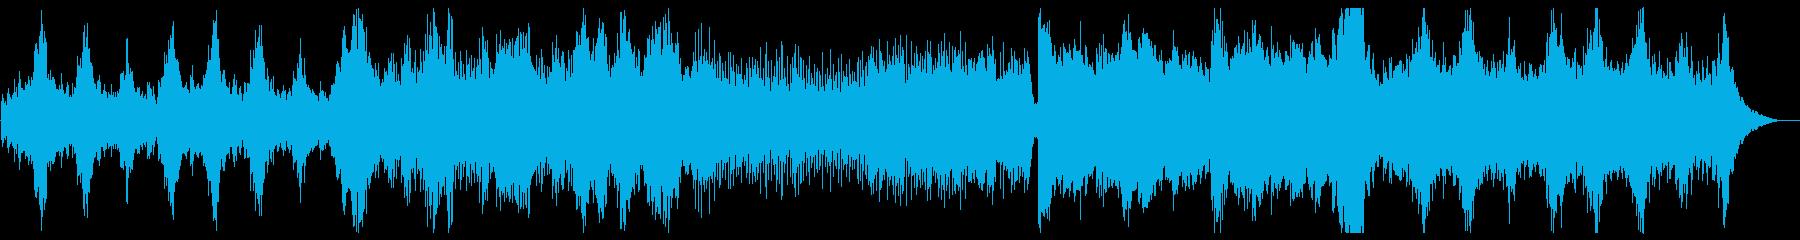 神秘的で近未来的なシンセポップサウンドの再生済みの波形